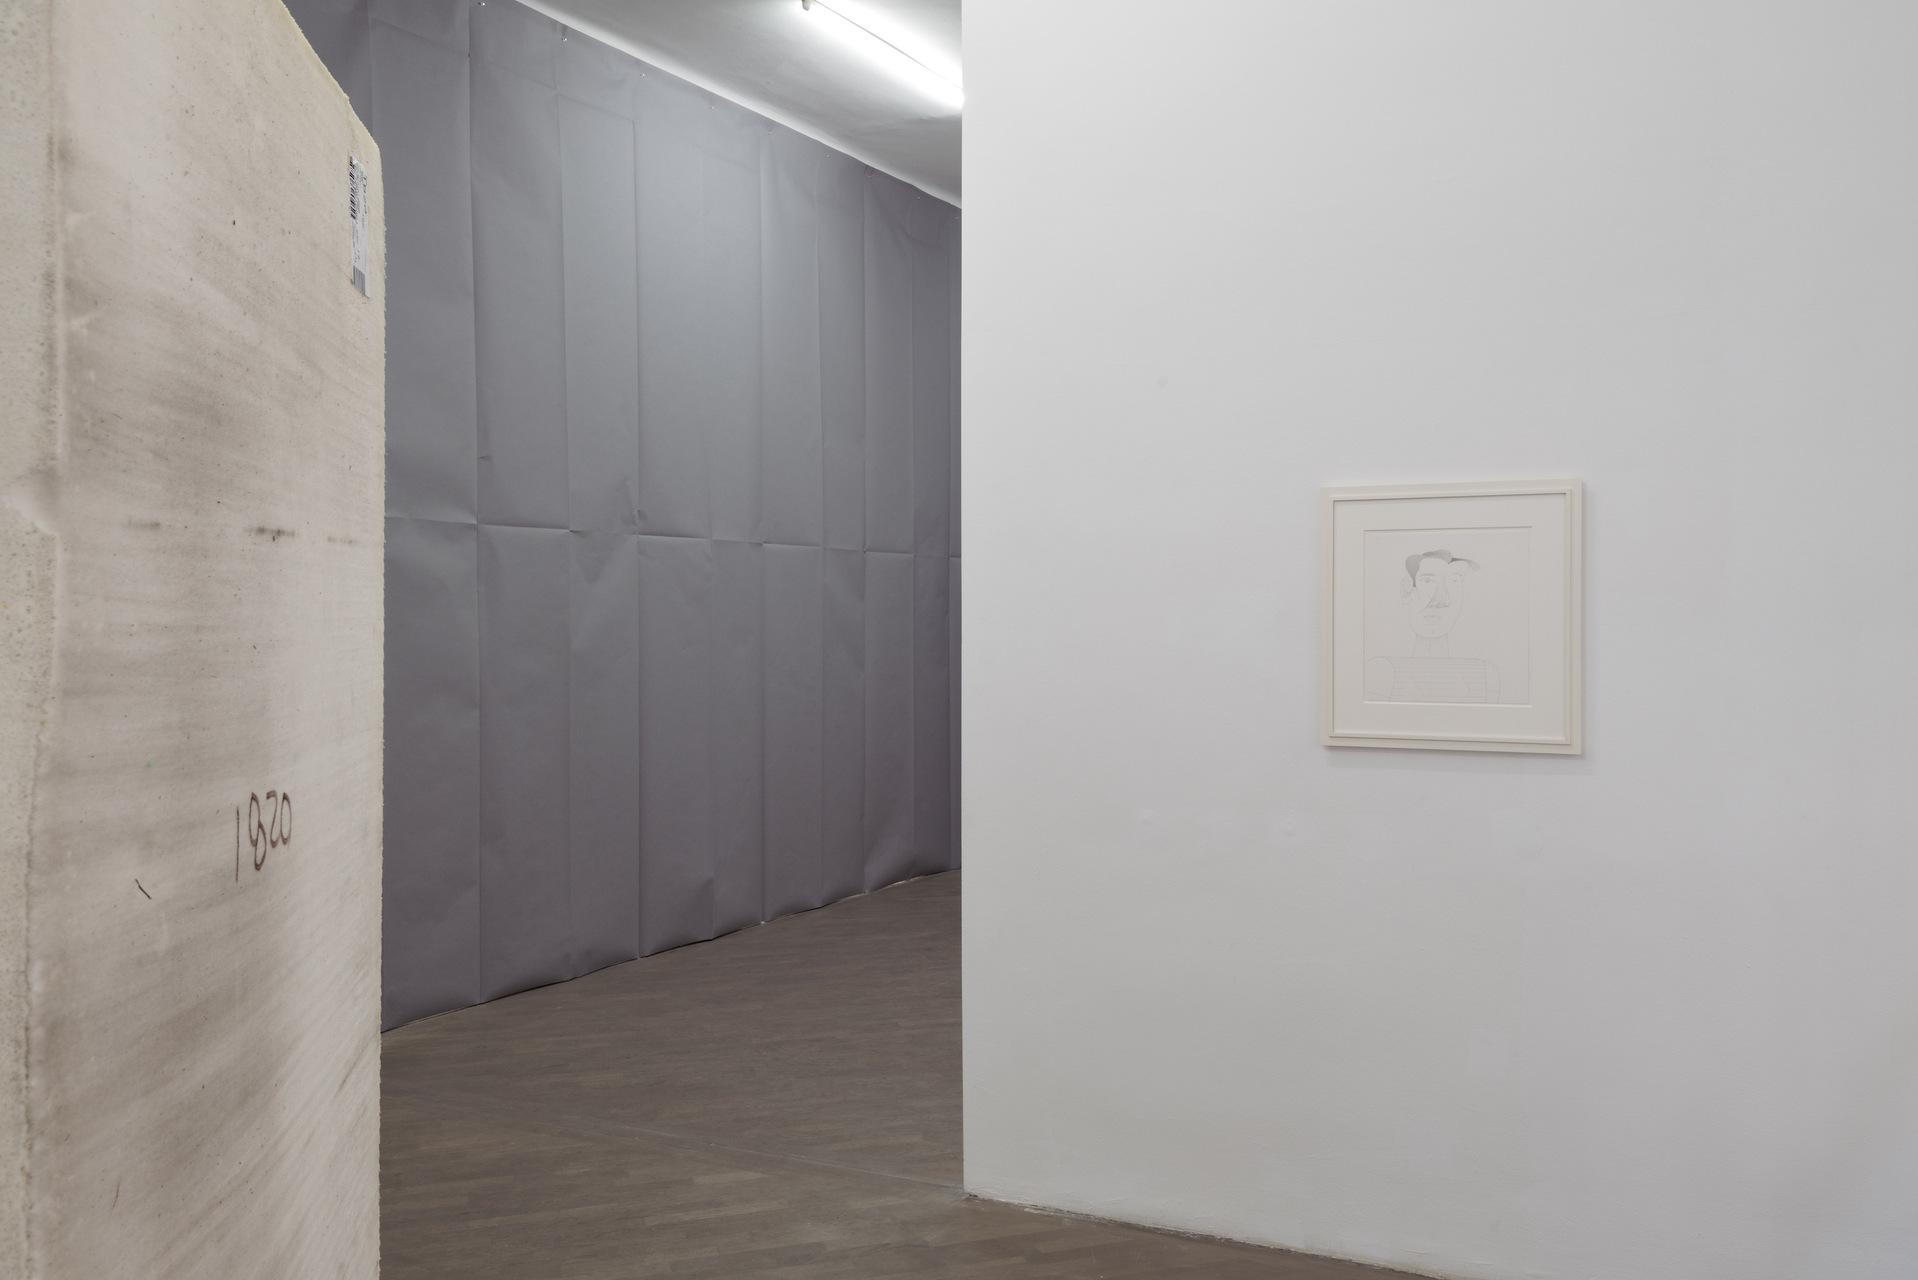 #11-Gerber_McArthur_Nutt_-final-installation-view